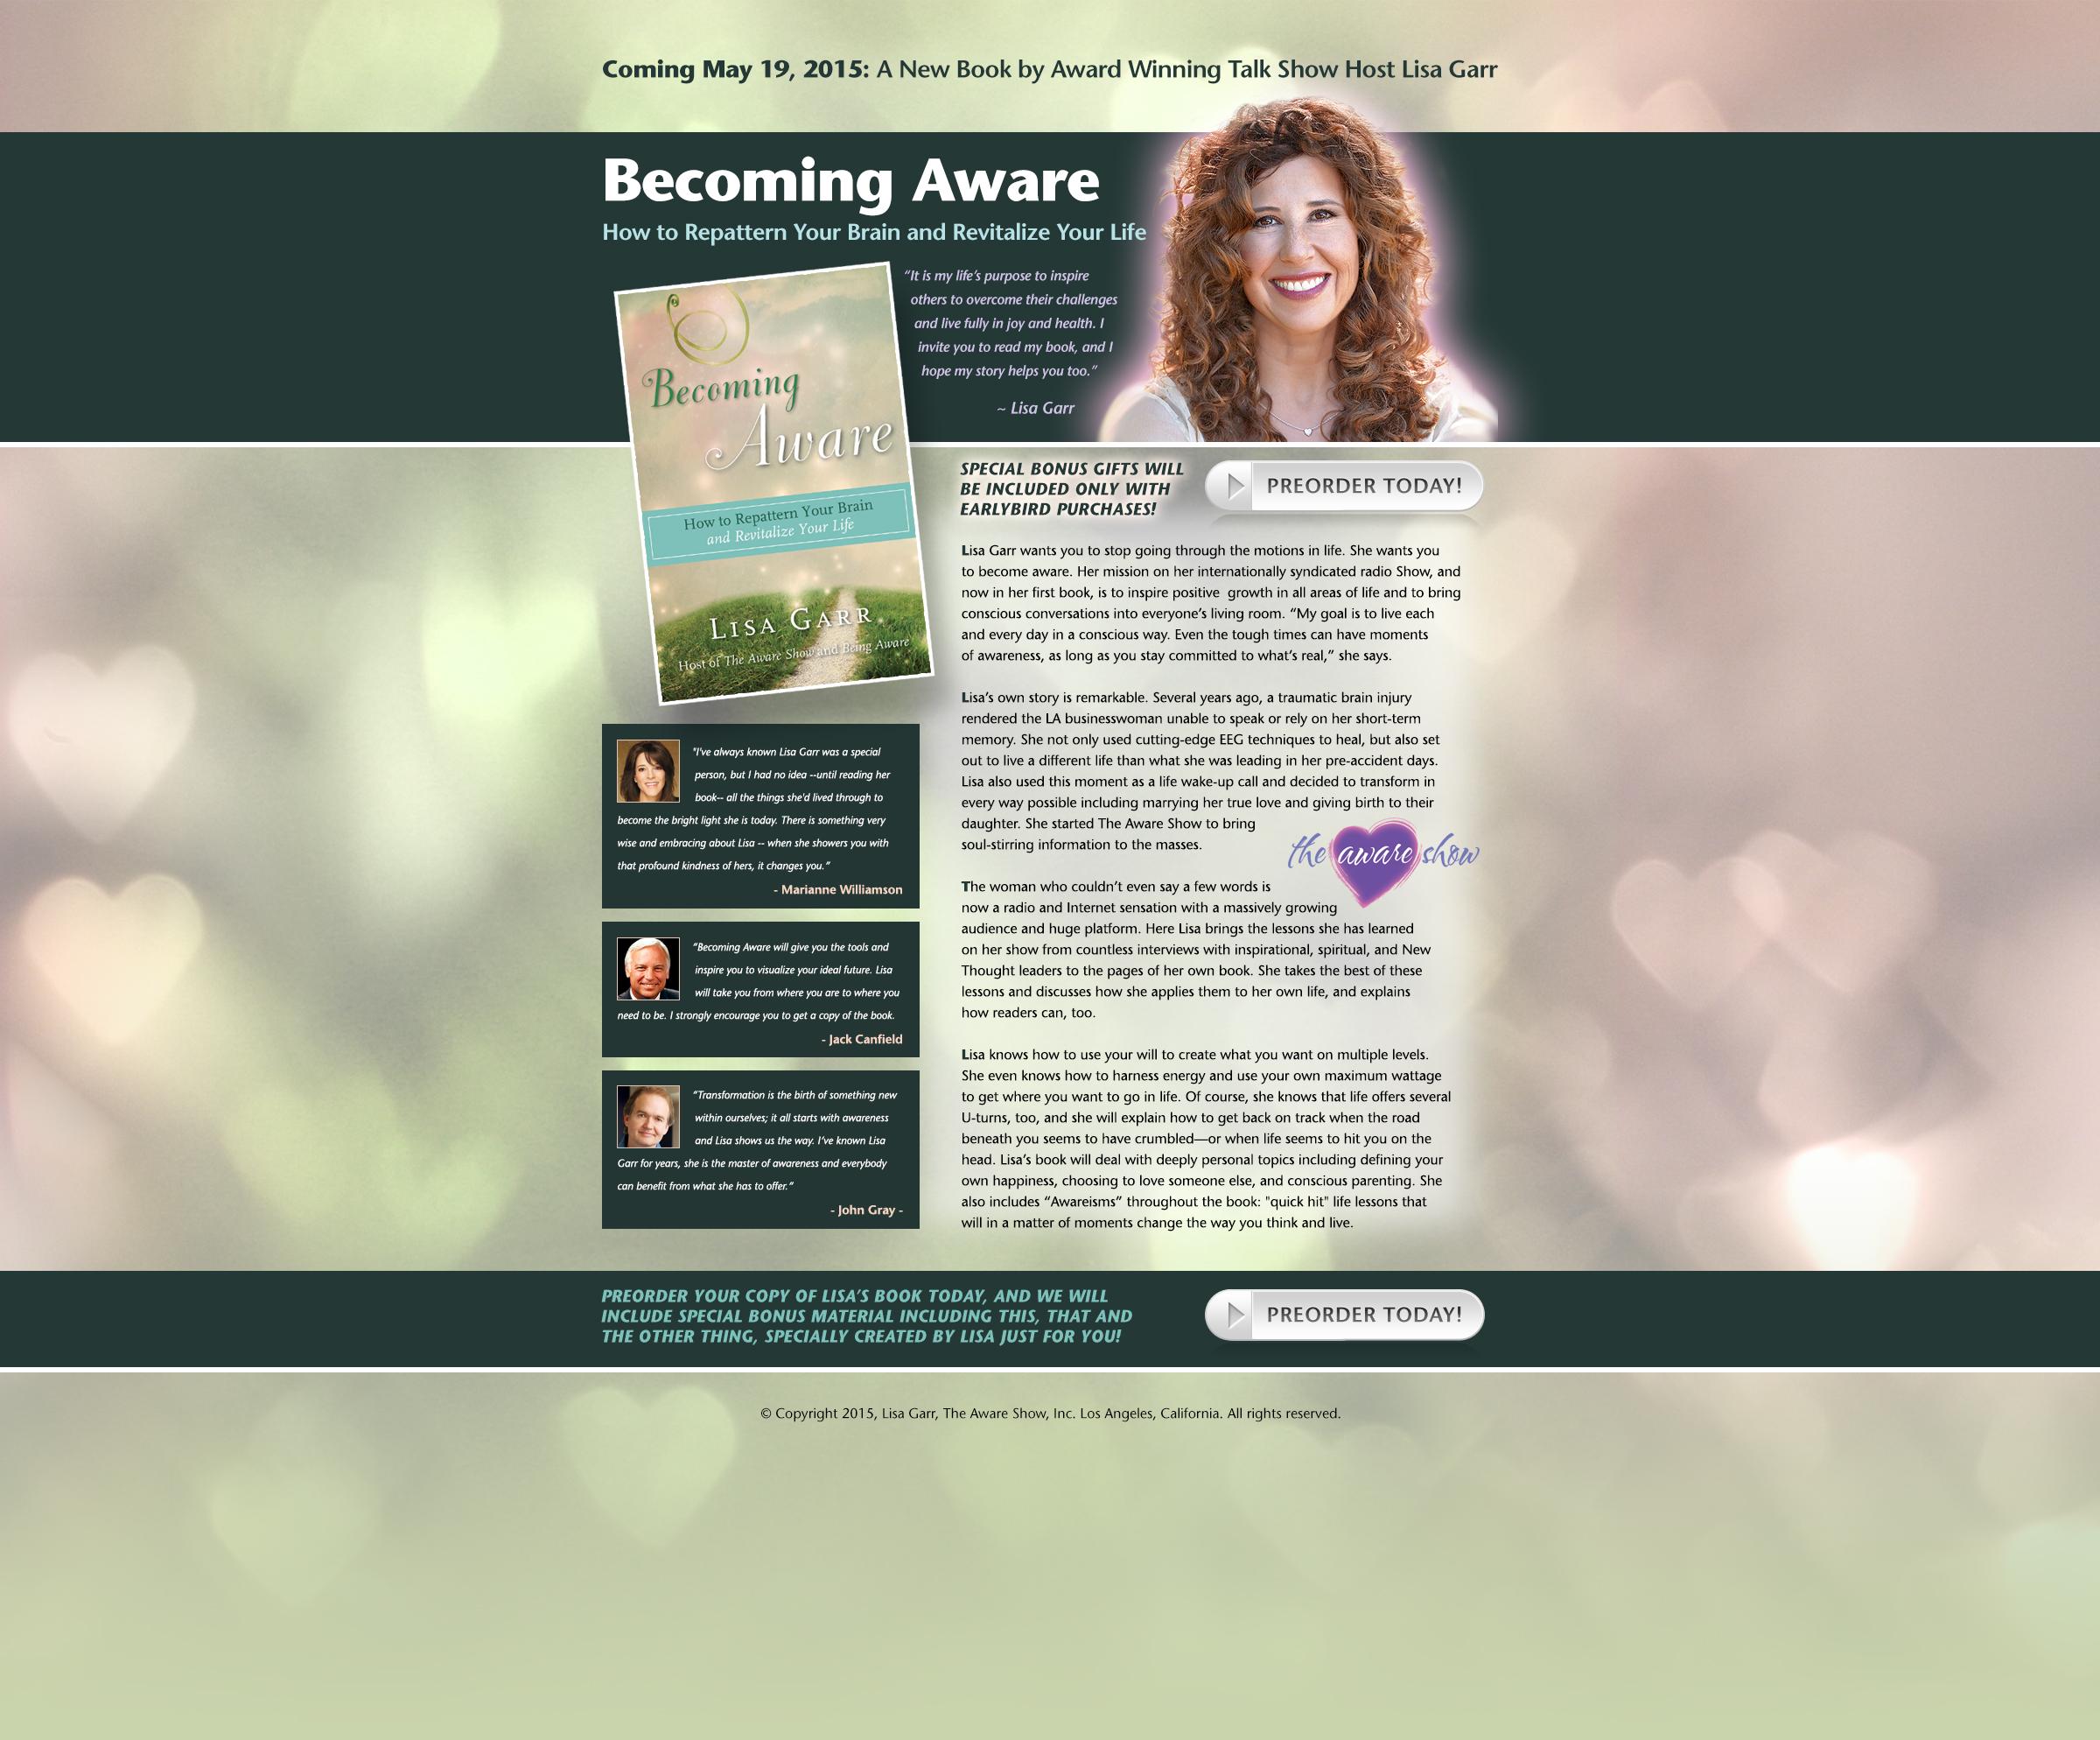 Lisa Garr Becoming Aware Book Landing Page